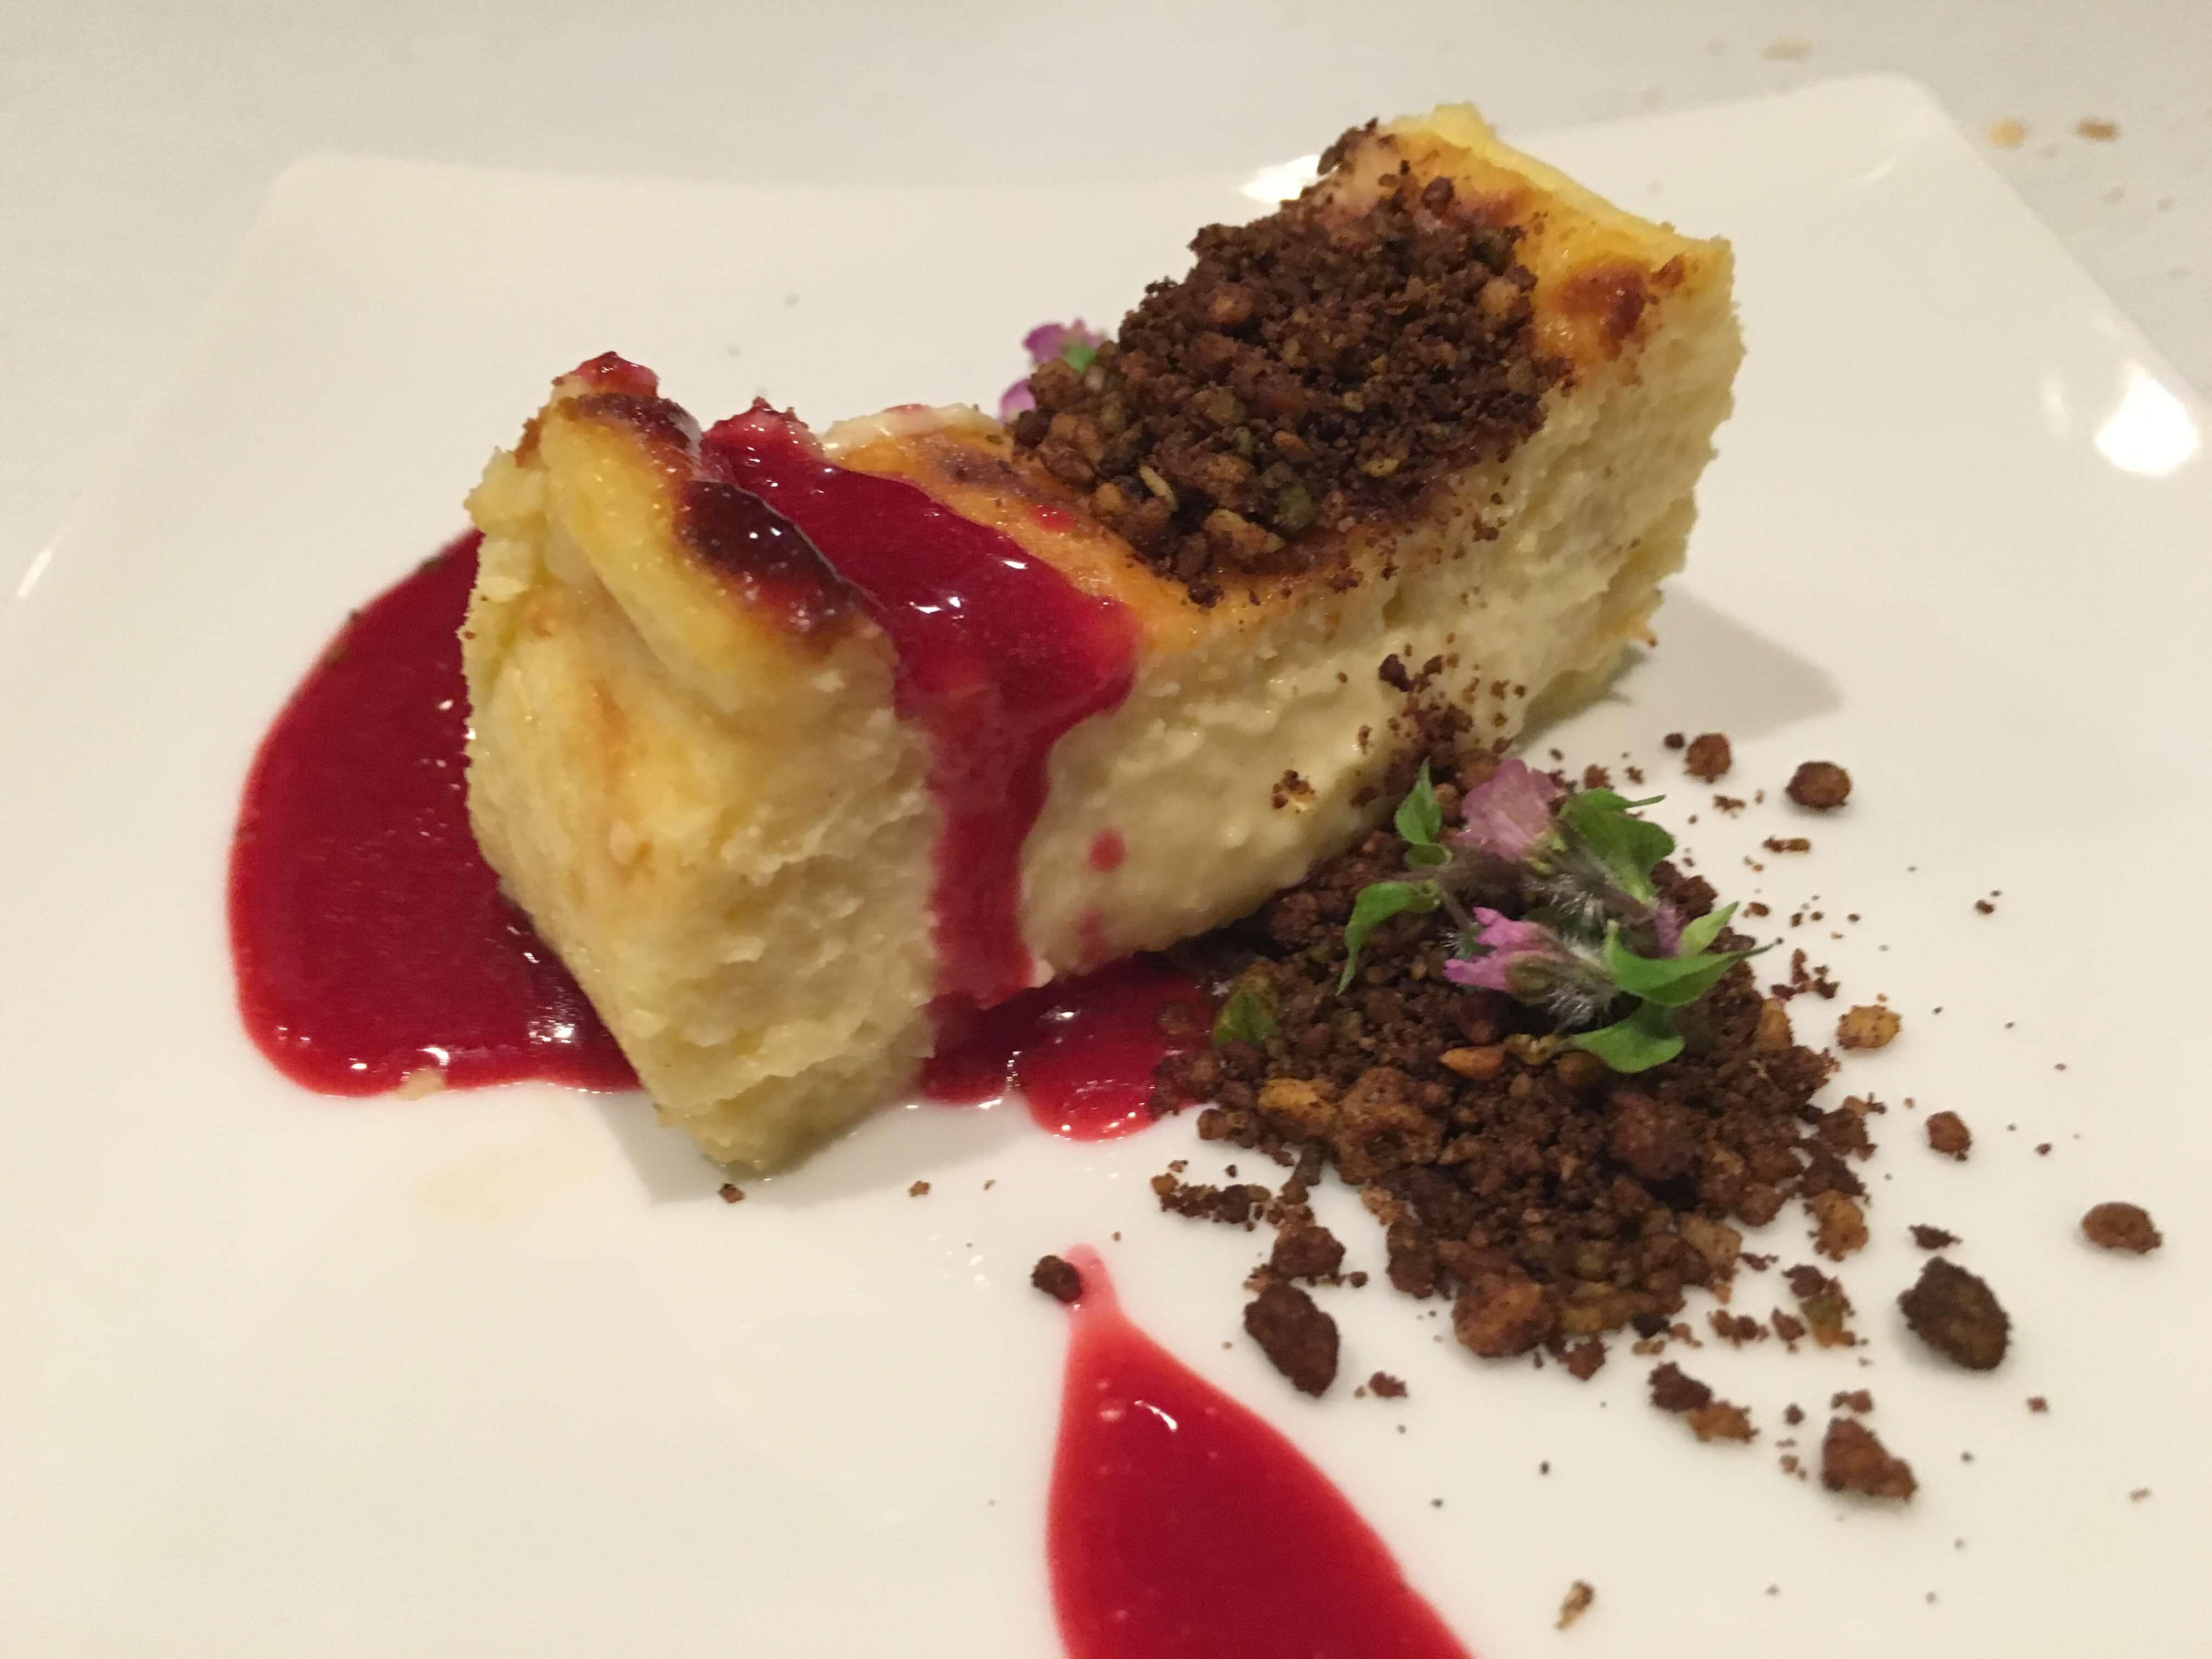 ブルーチーズのチーズケーキ @スペイン料理アロス